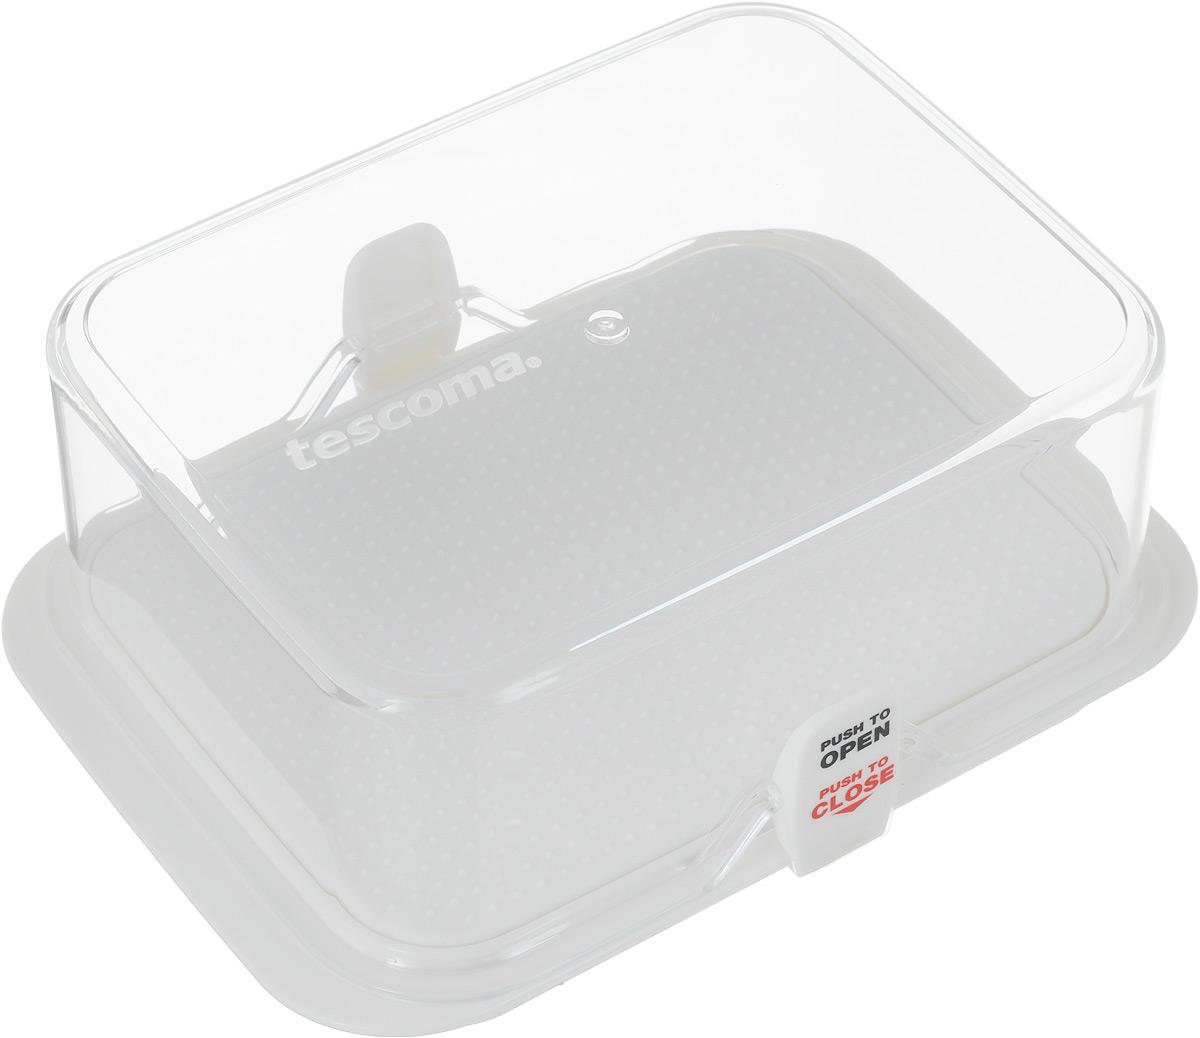 Kонтейнер для холодильника Tescoma Purity, 14 х 11 х 6,5. 89183021395599Kонтейнер Tescoma Purity выполнен из высококачественного пищевого пластика, который используется в здравоохранении и фармацевтики. Изделие отлично подходит для гигиеничного хранения продуктов в холодильнике. Используемый материал не влияет на качество продуктов даже при длительном хранении. Данный контейнер можно использовать в качестве масленки. Рифленое дно не дает маслу скользить по дну.В комплекте имеются запасные замки-крылышки.Можно мыть в посудомоечной машине.